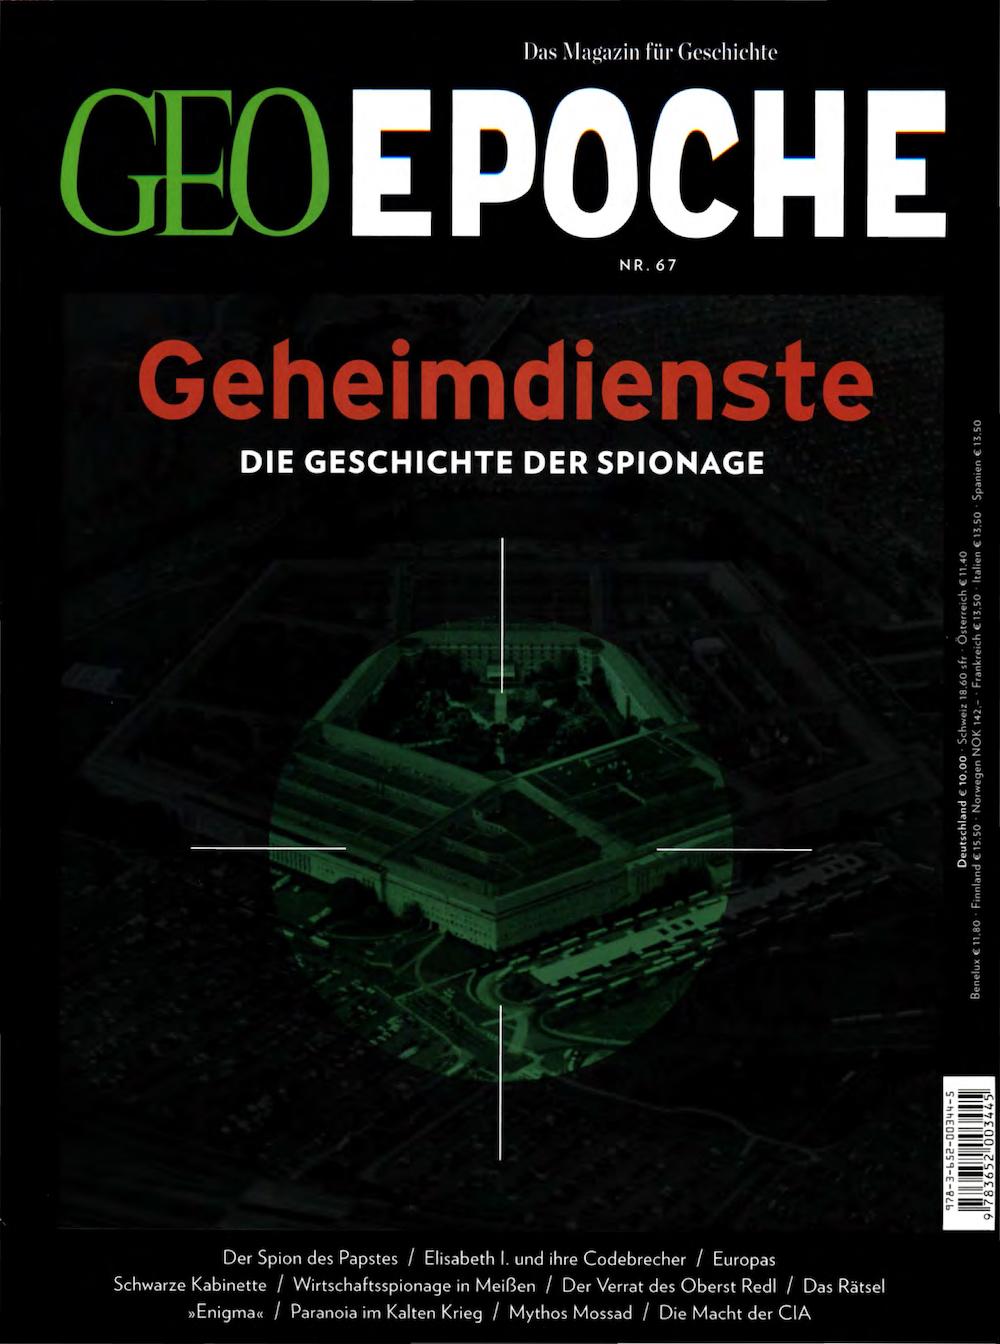 GEO Epoche 2014-67 Geheimdienste